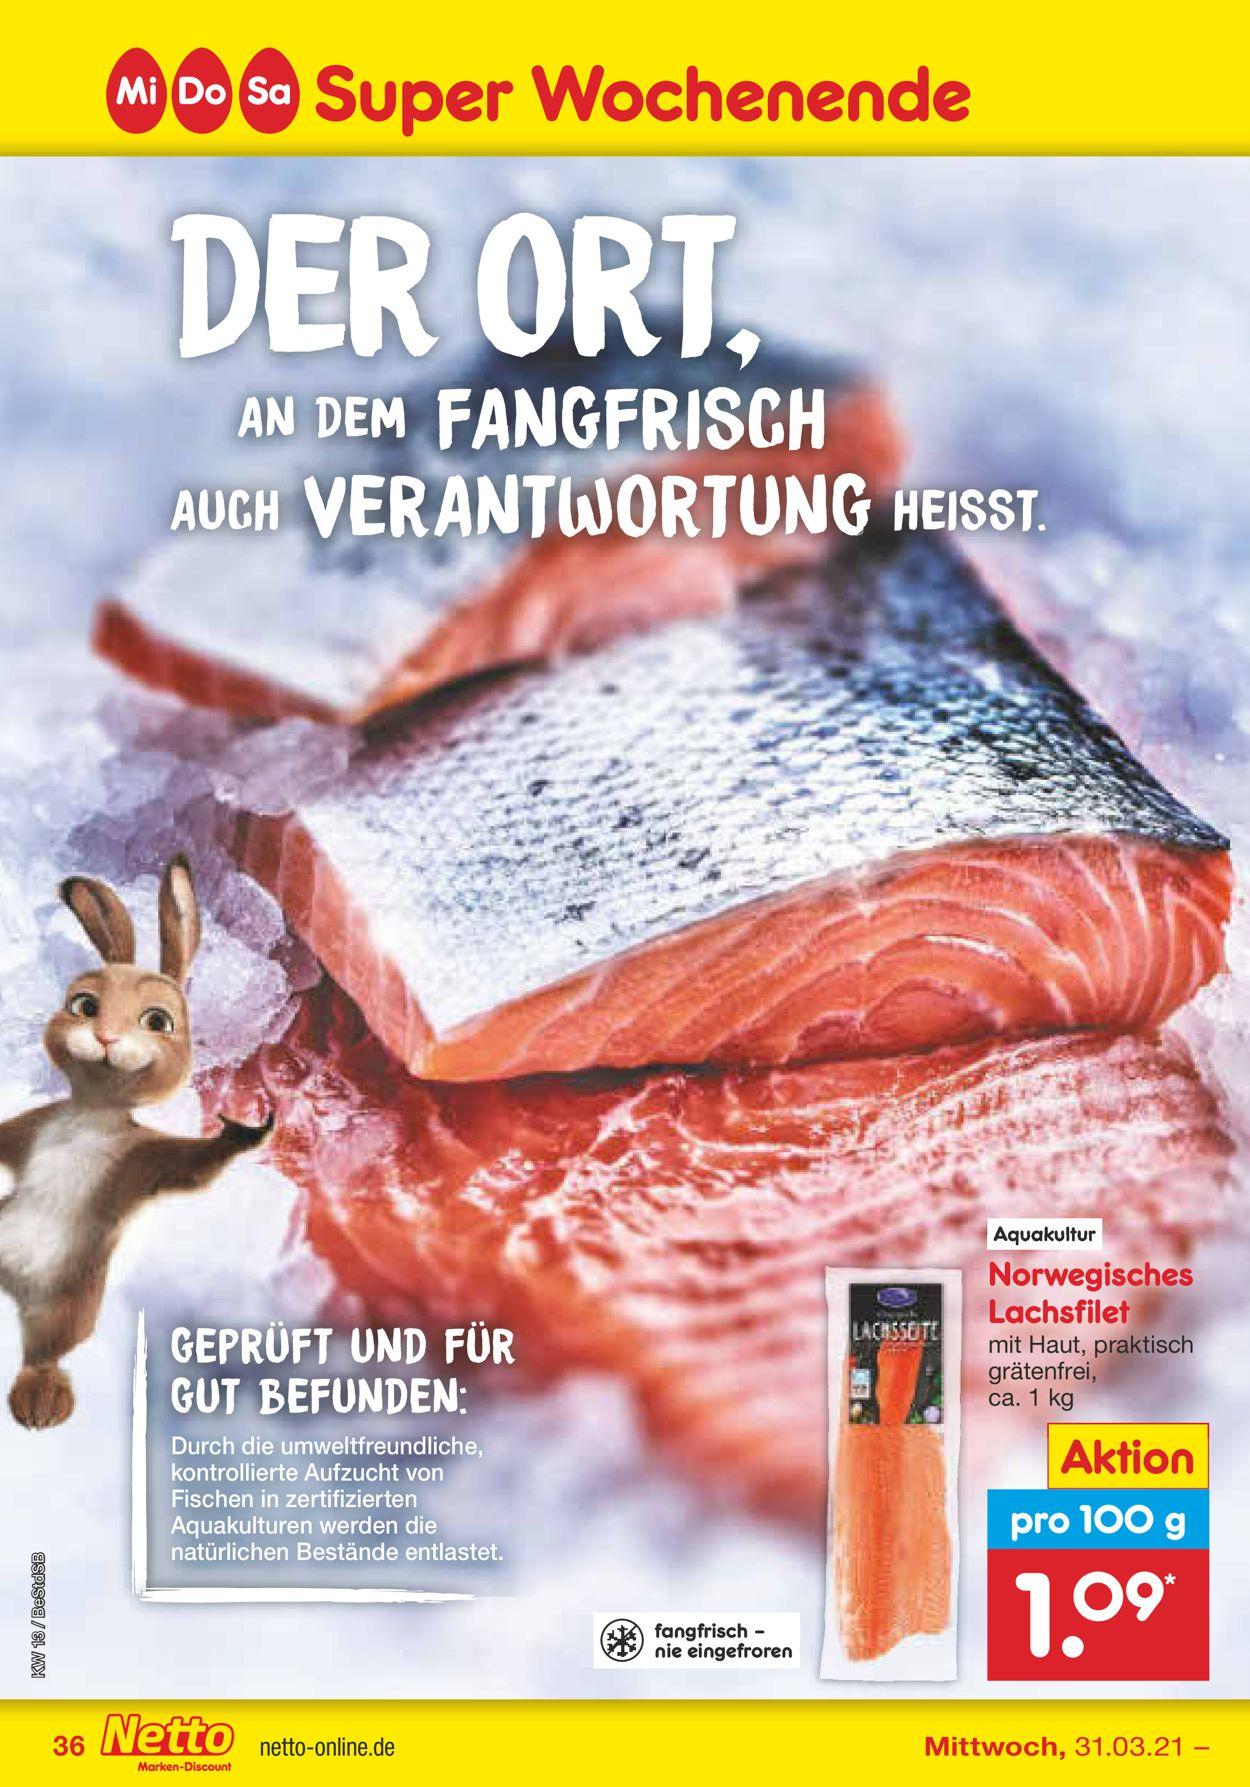 Netto Marken-Discount Ostern 2021 Prospekt - Aktuell vom 29.03-03.04.2021 (Seite 36)